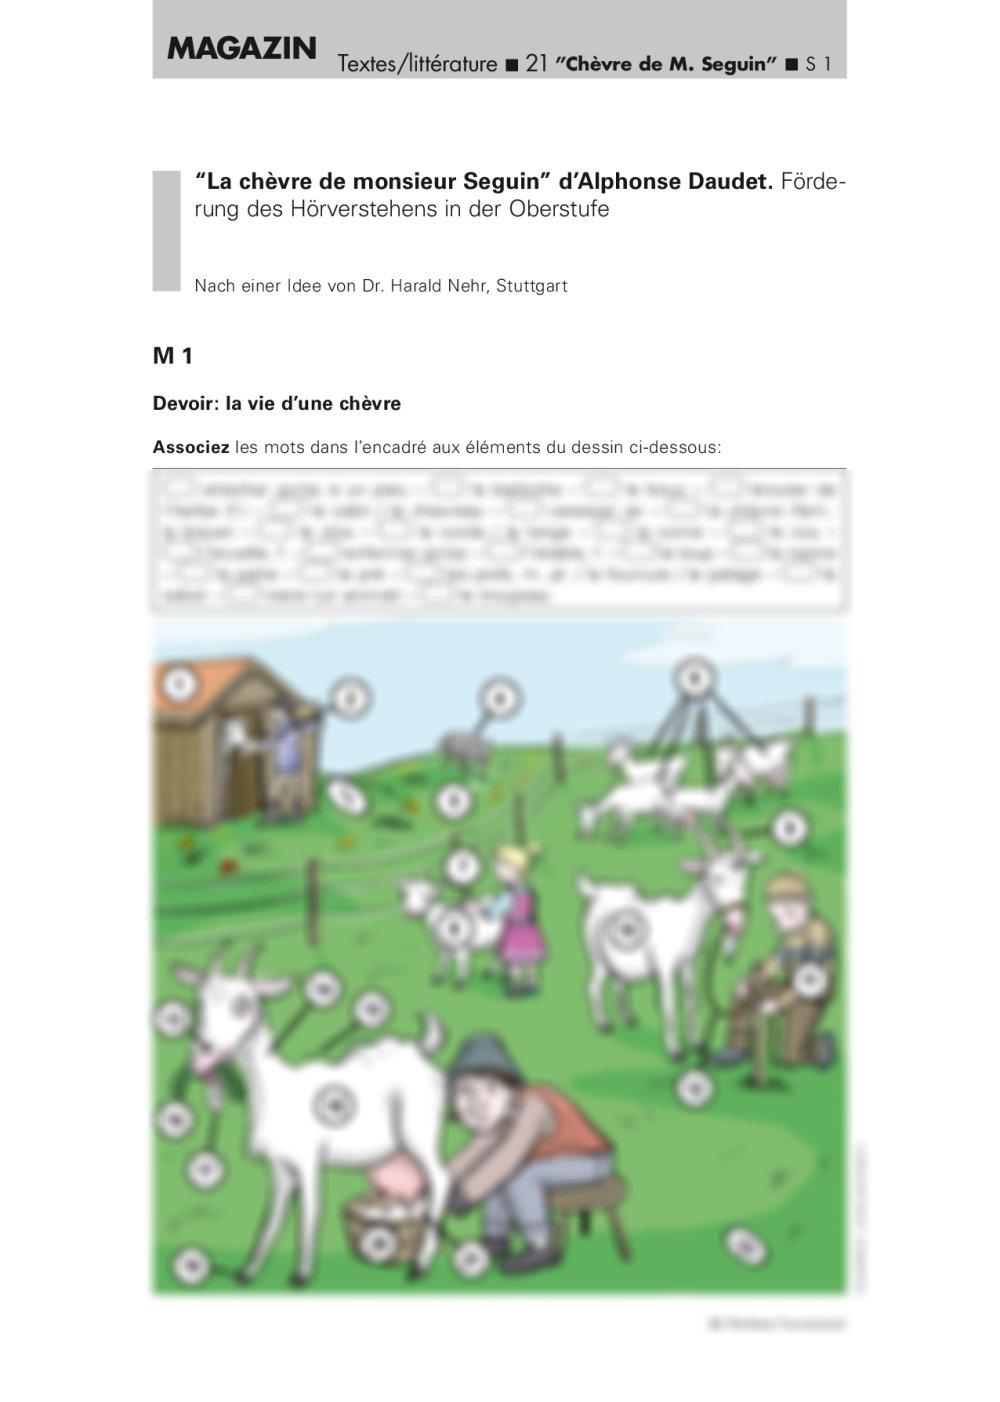 Förderung des Hörverstehens - Seite 1